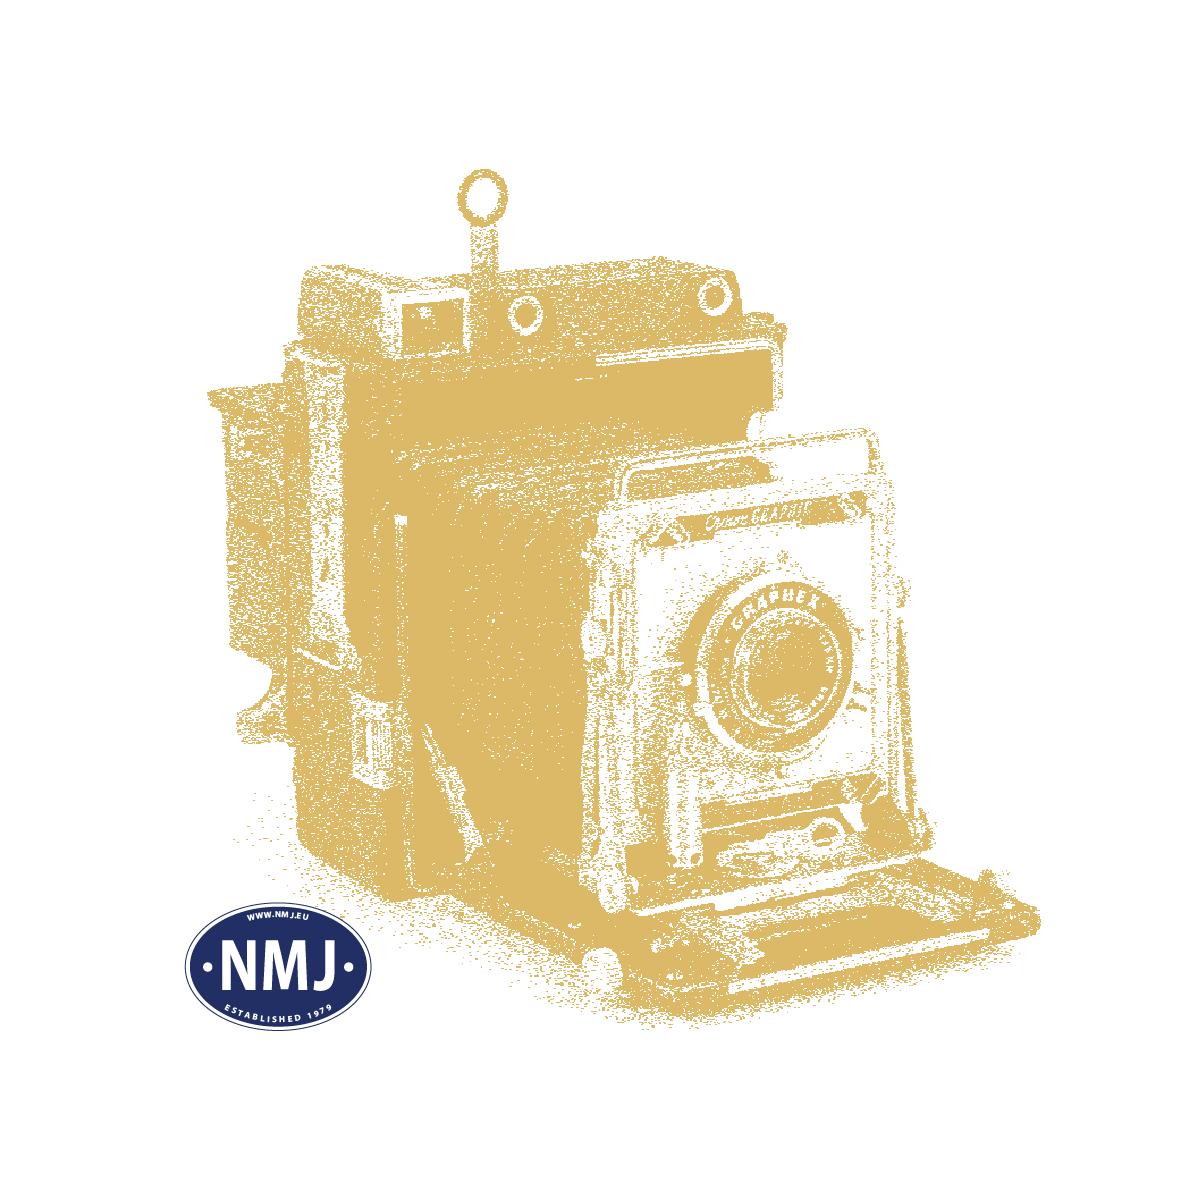 NMJSTl460256 - NMJ Superline Modell des NSB Rungenwagens Tl4 60256 m/ Seiten- und Stirnwänden